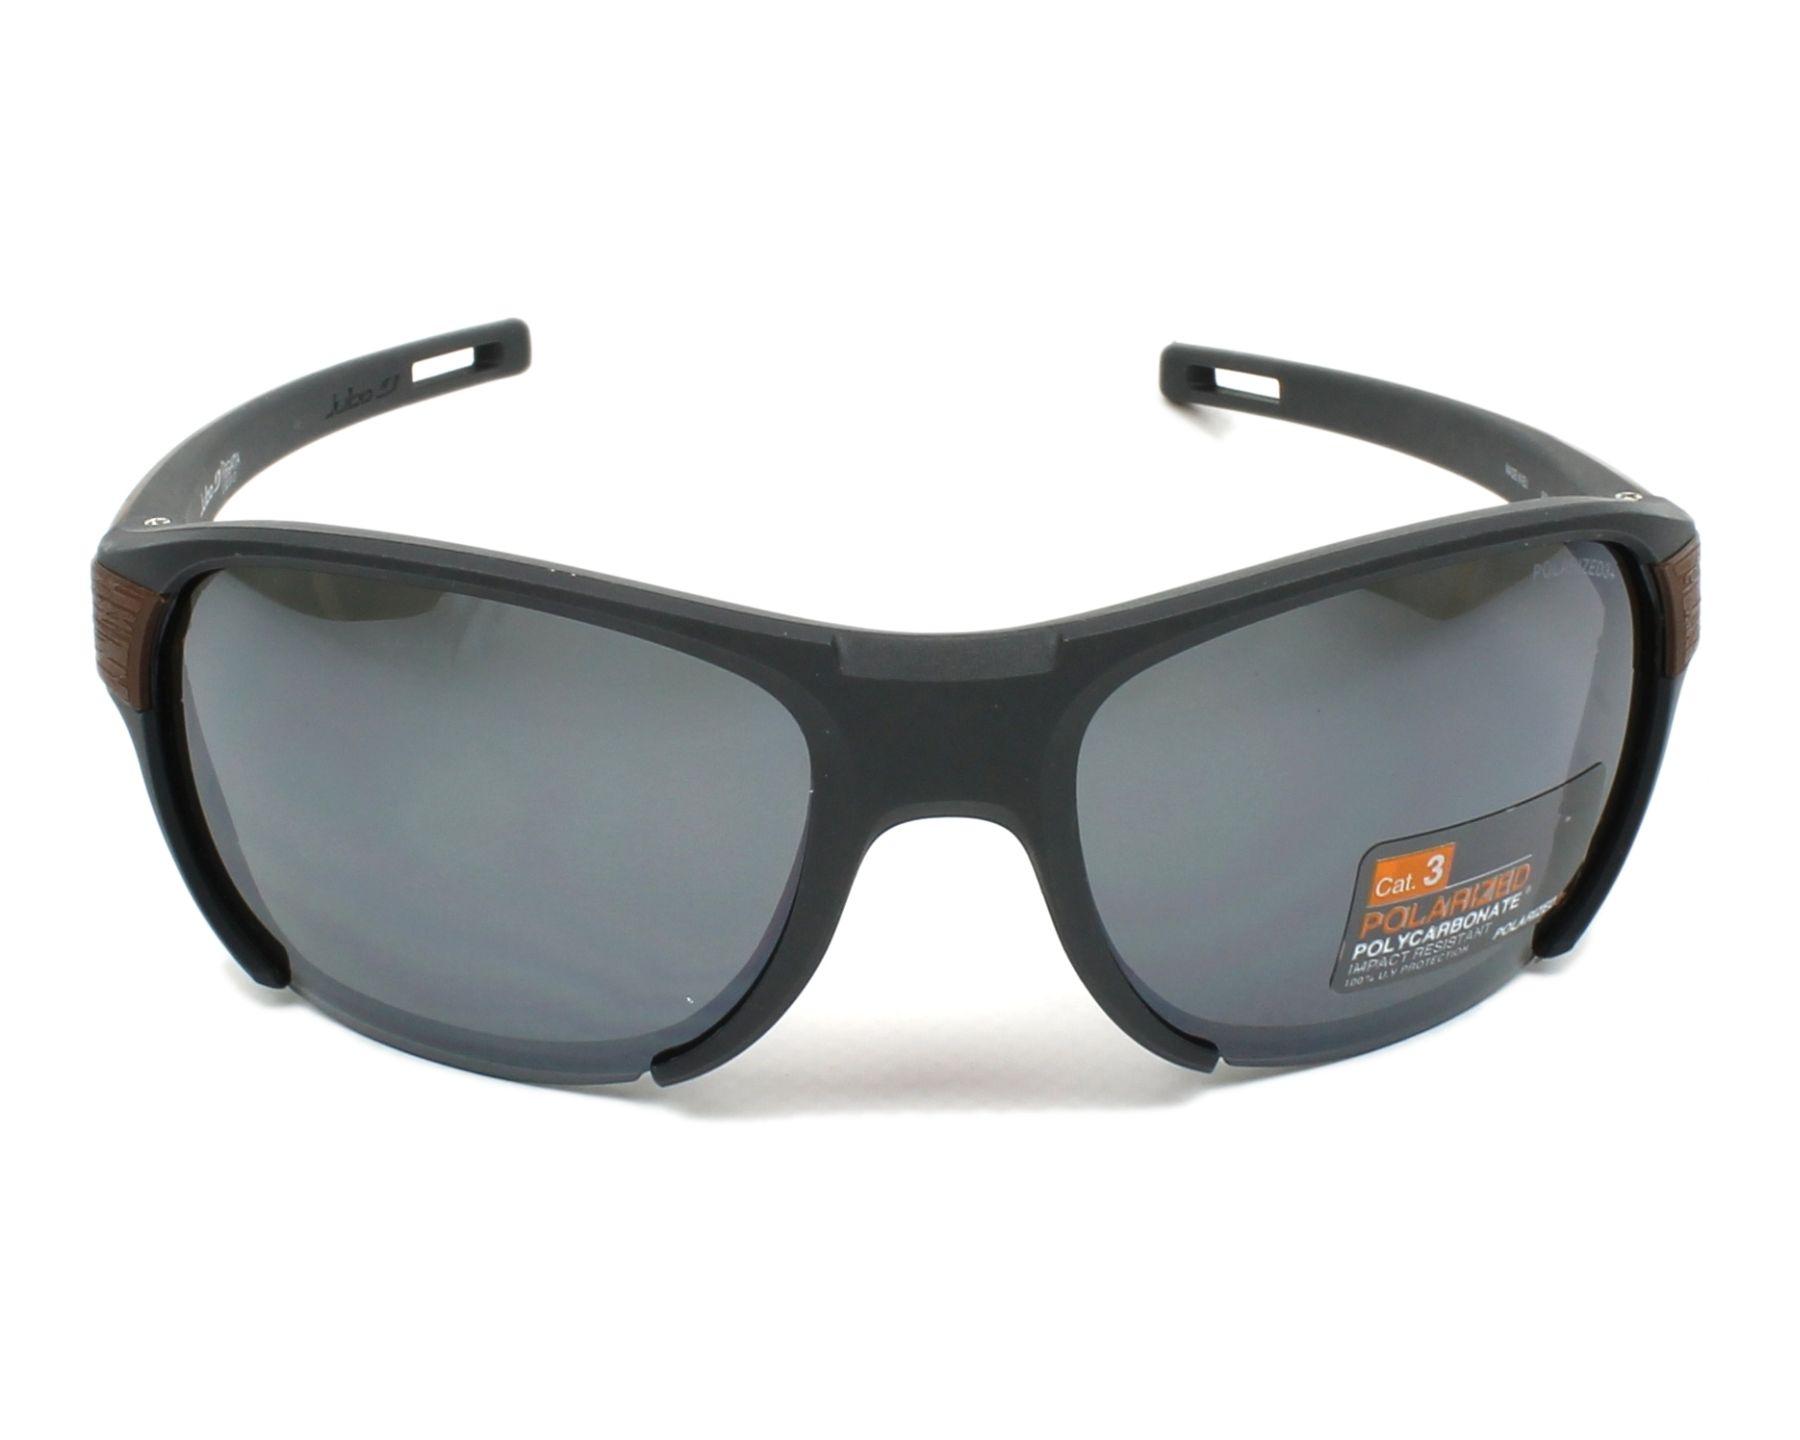 lunettes de soleil julbo j500 9121 gris avec des verres gris. Black Bedroom Furniture Sets. Home Design Ideas